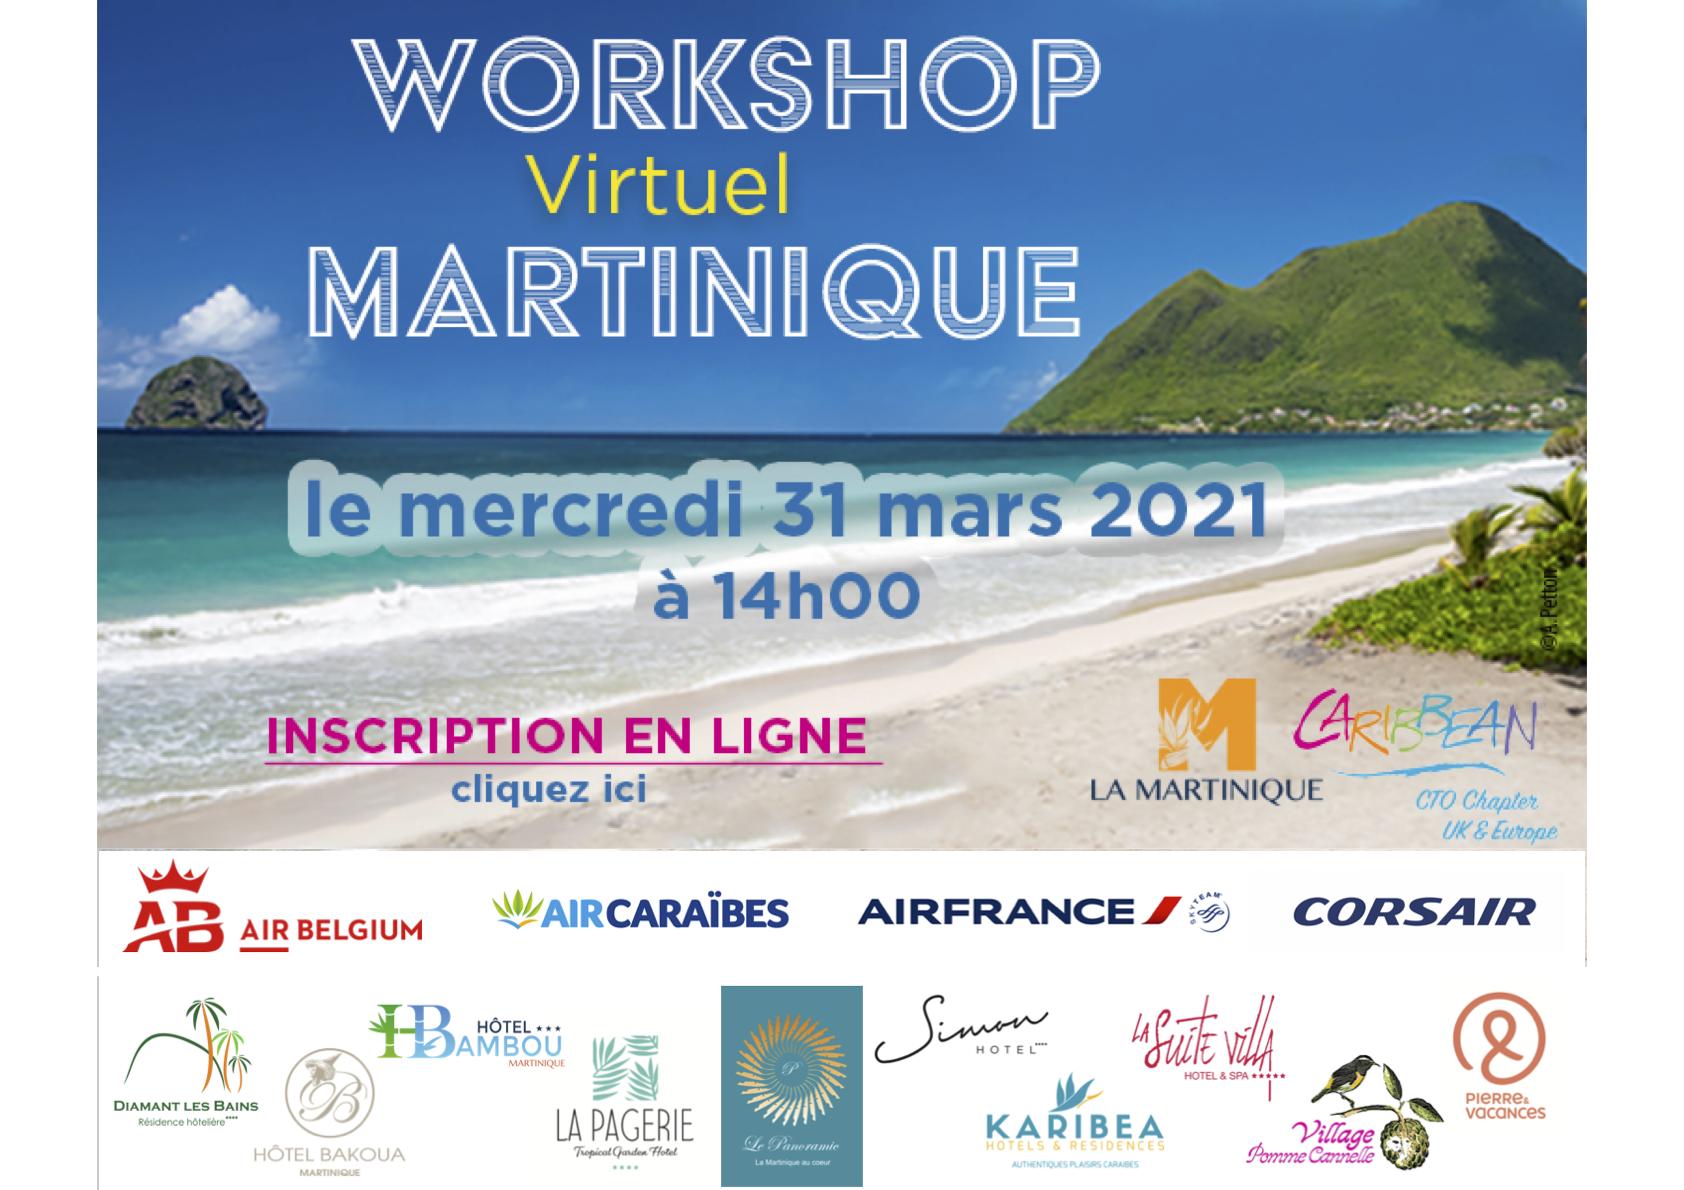 La Martinique tient son workshop virtuel ce mercredi à 14h